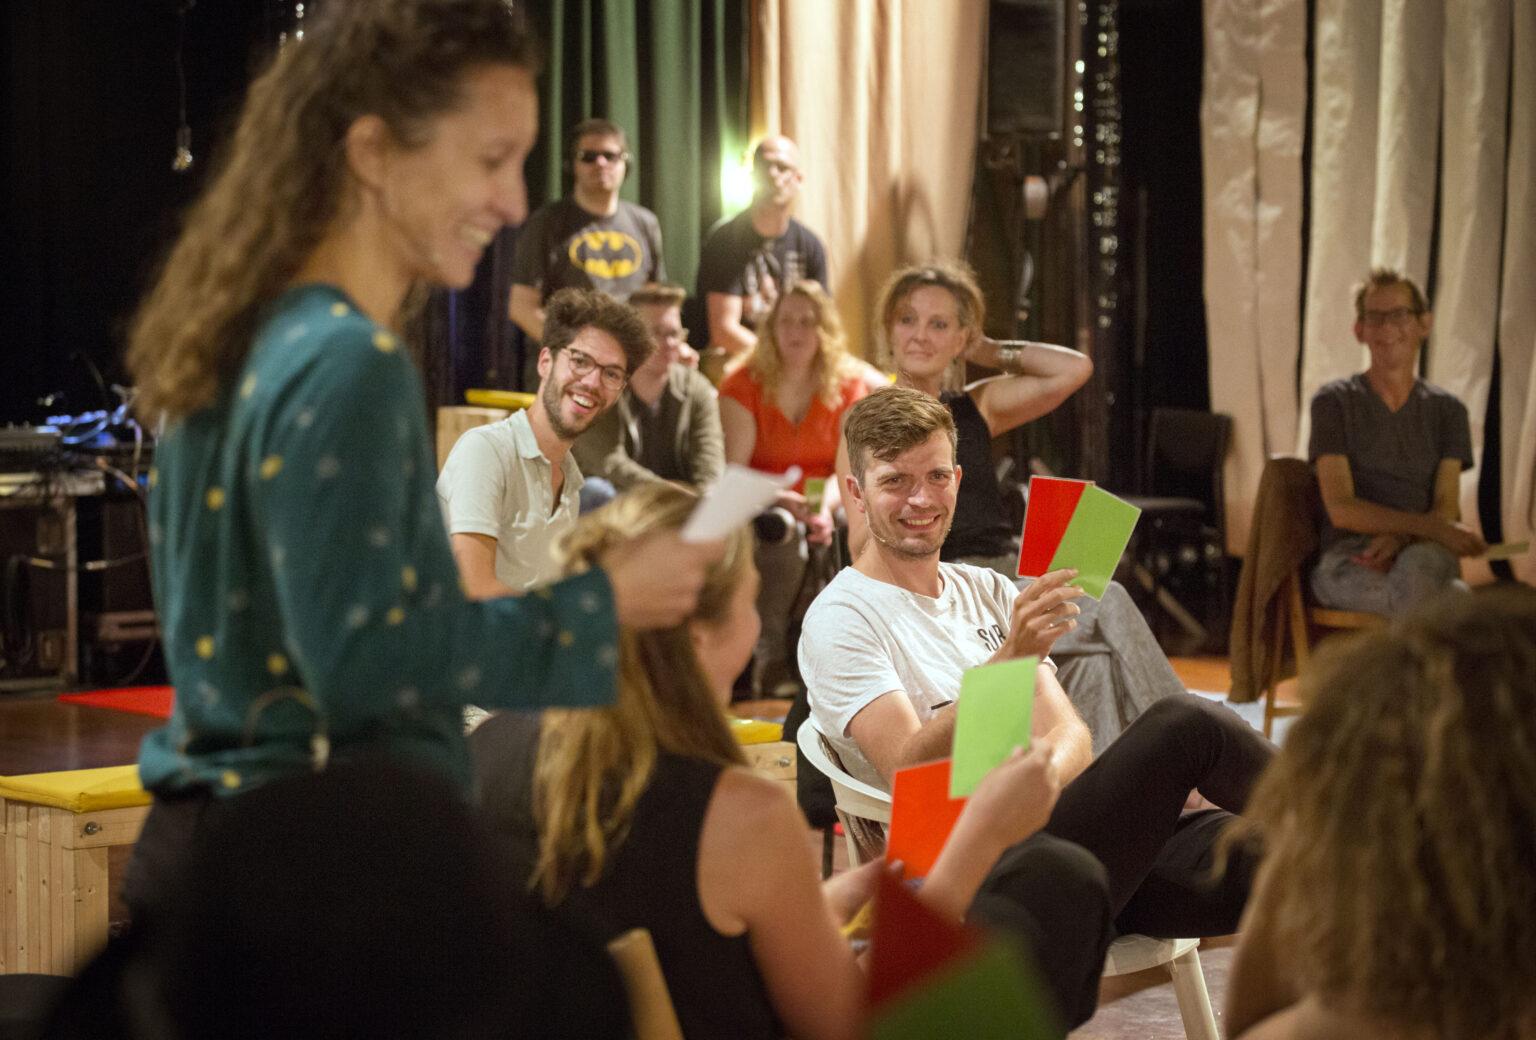 Editie van De Salon in het Chasse theater met Stormkamers vanHanna van Mourik Broekman en Toneelgroep NomenFoto: Joyce van Belkom